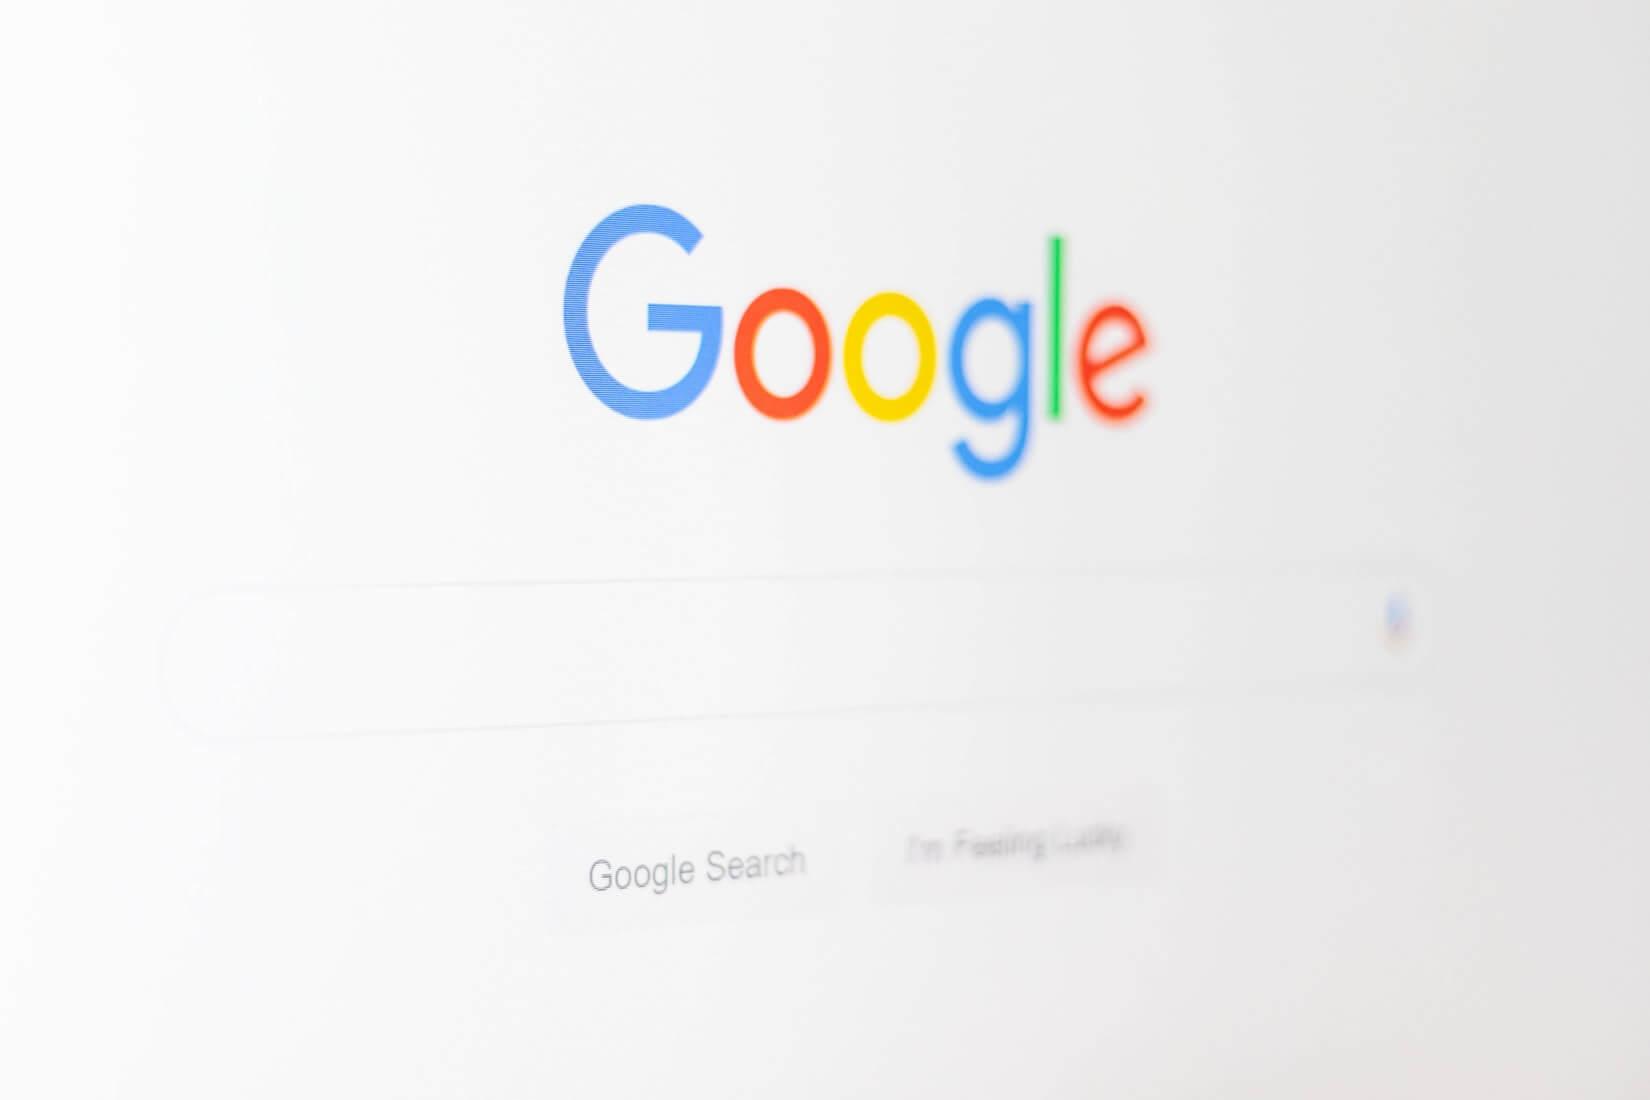 Niagara Falls SEO services on Google